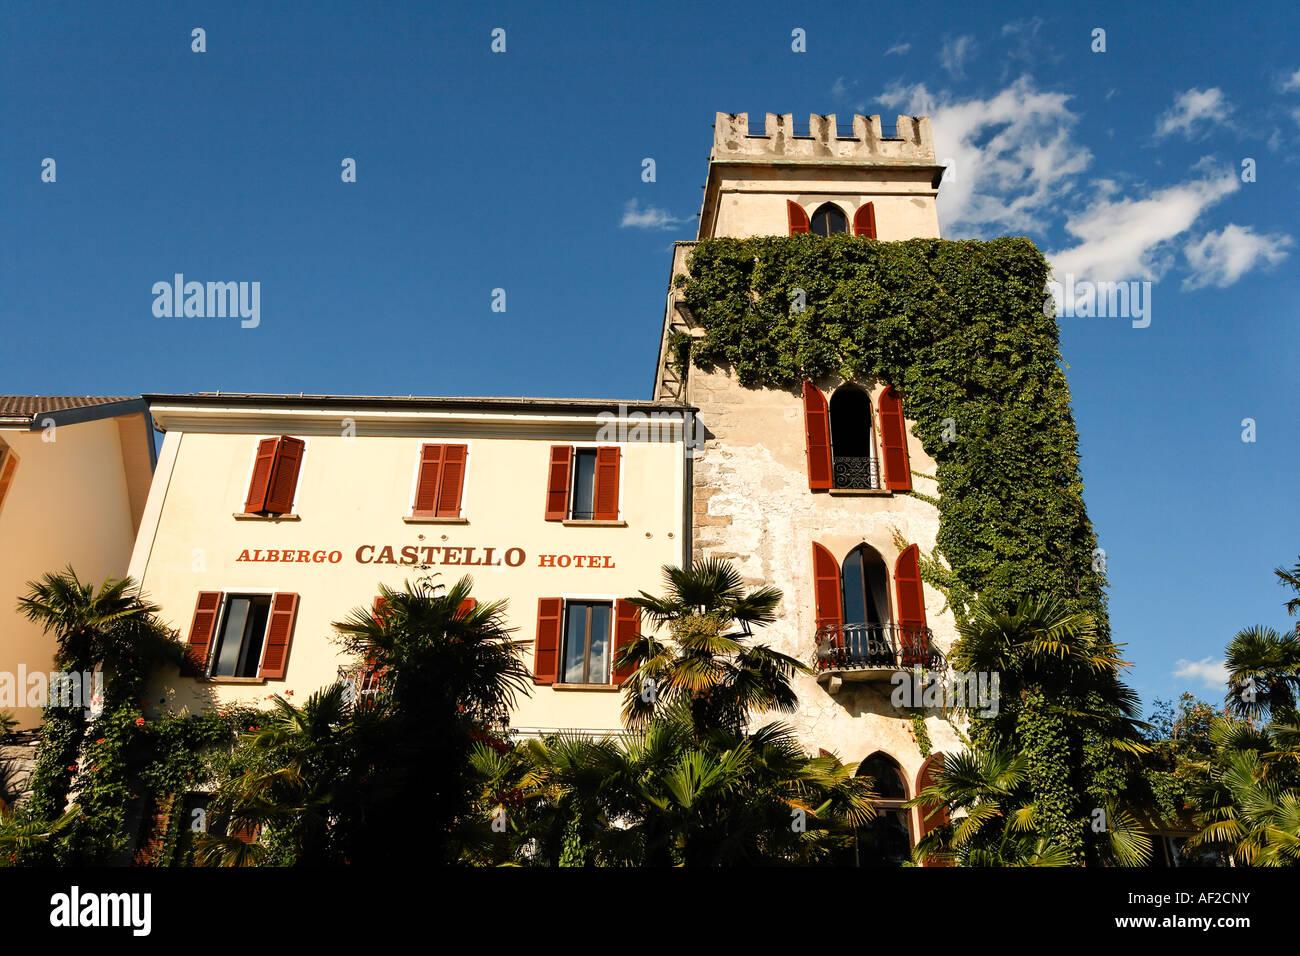 Switzerland Ticino Ascona Promenade Albergo Castello Hotel - Stock Image